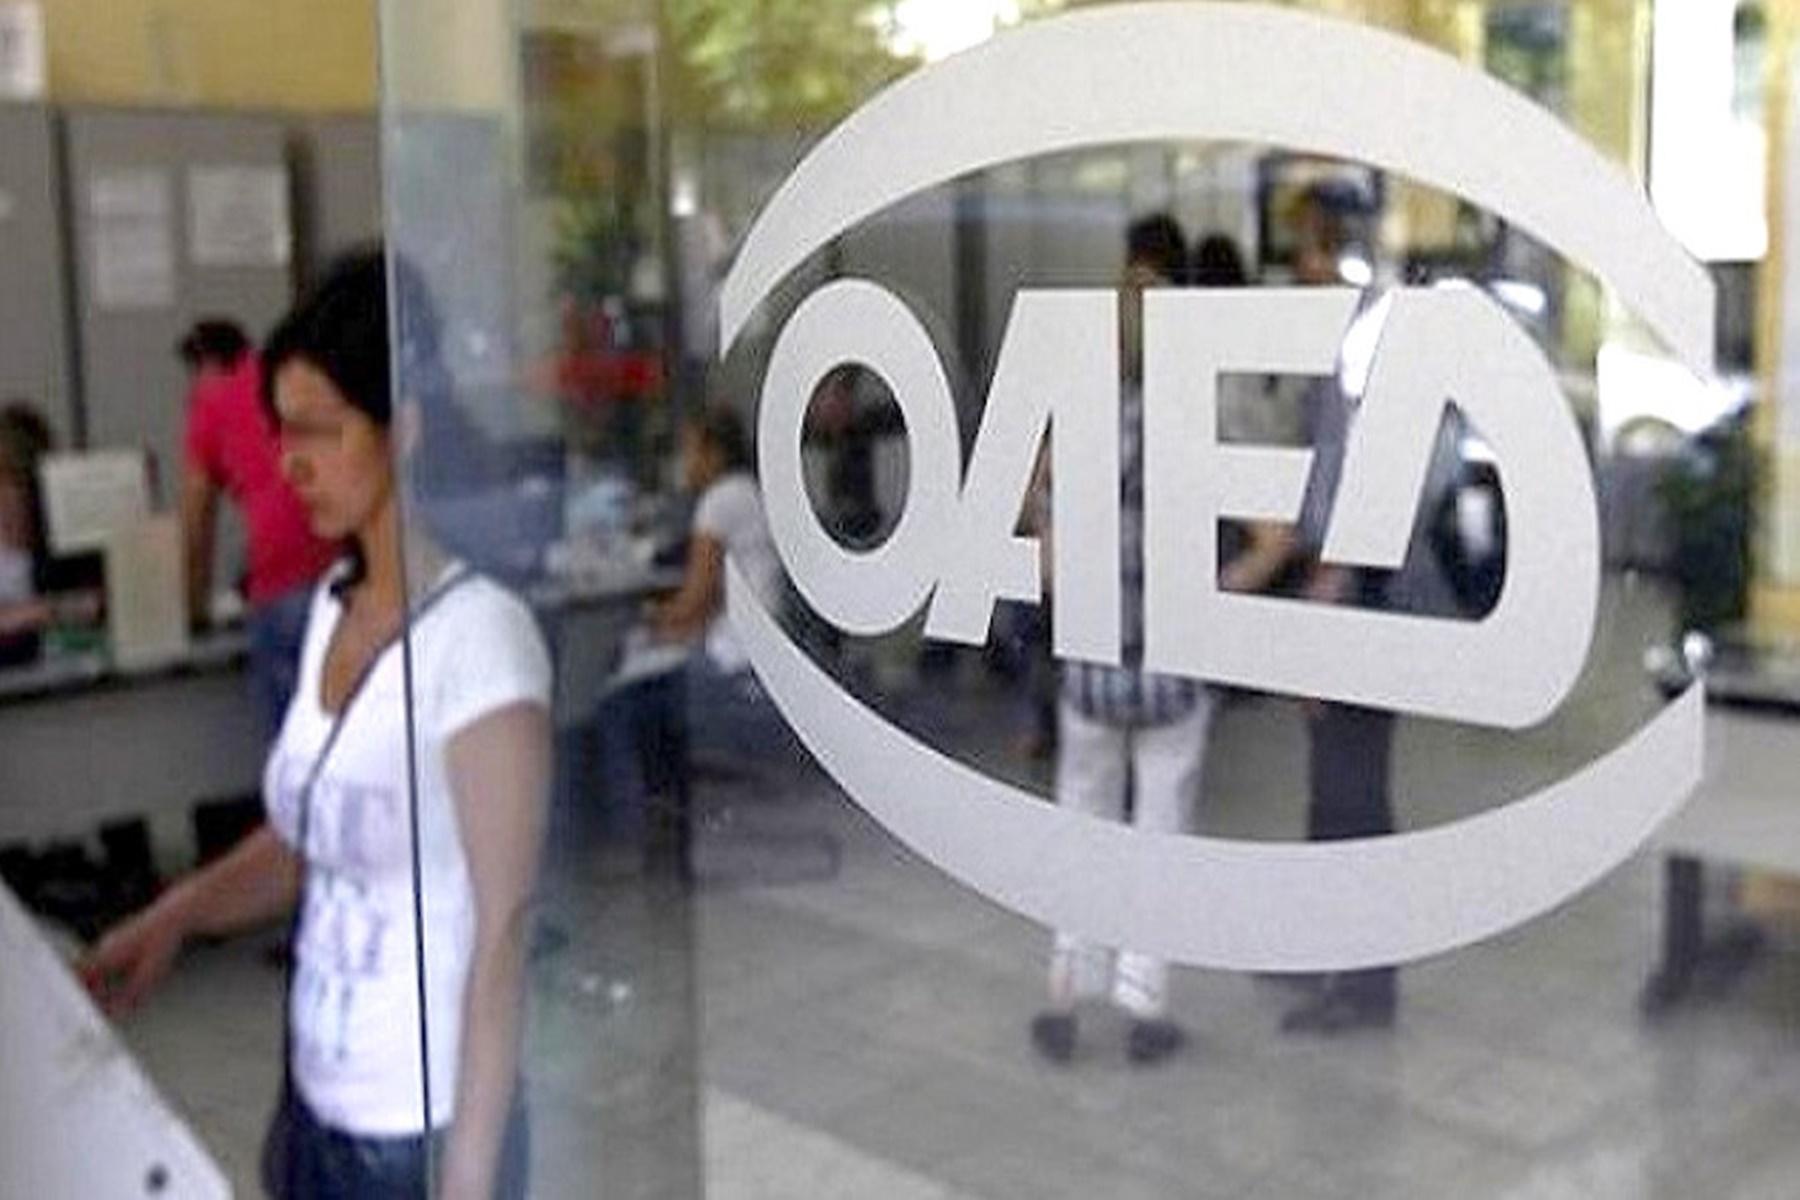 ΟΑΕΔ : Υποχρεώσεις εγγεγραμμένων ανέργων στα μητρώα